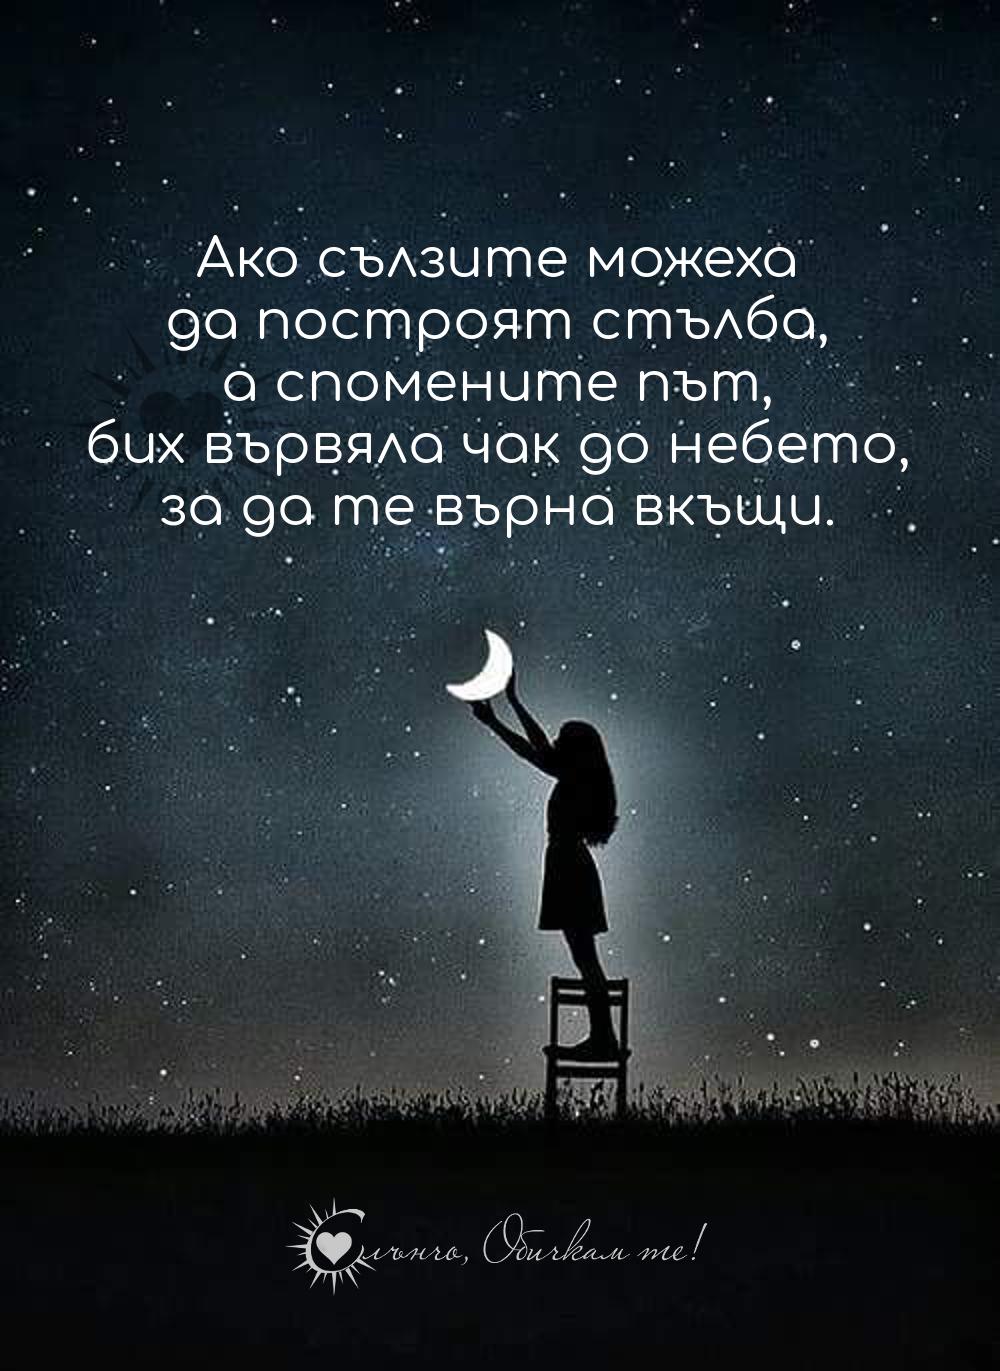 Ако сълзите можеха да построят стълба, а спомените път, бих вървяла чак до небето, за да те върна вкъщи. Липсваш ми! - за баща ми, за майка ми, за брат ми, за сестра ми, ангел в небето, след смъртта